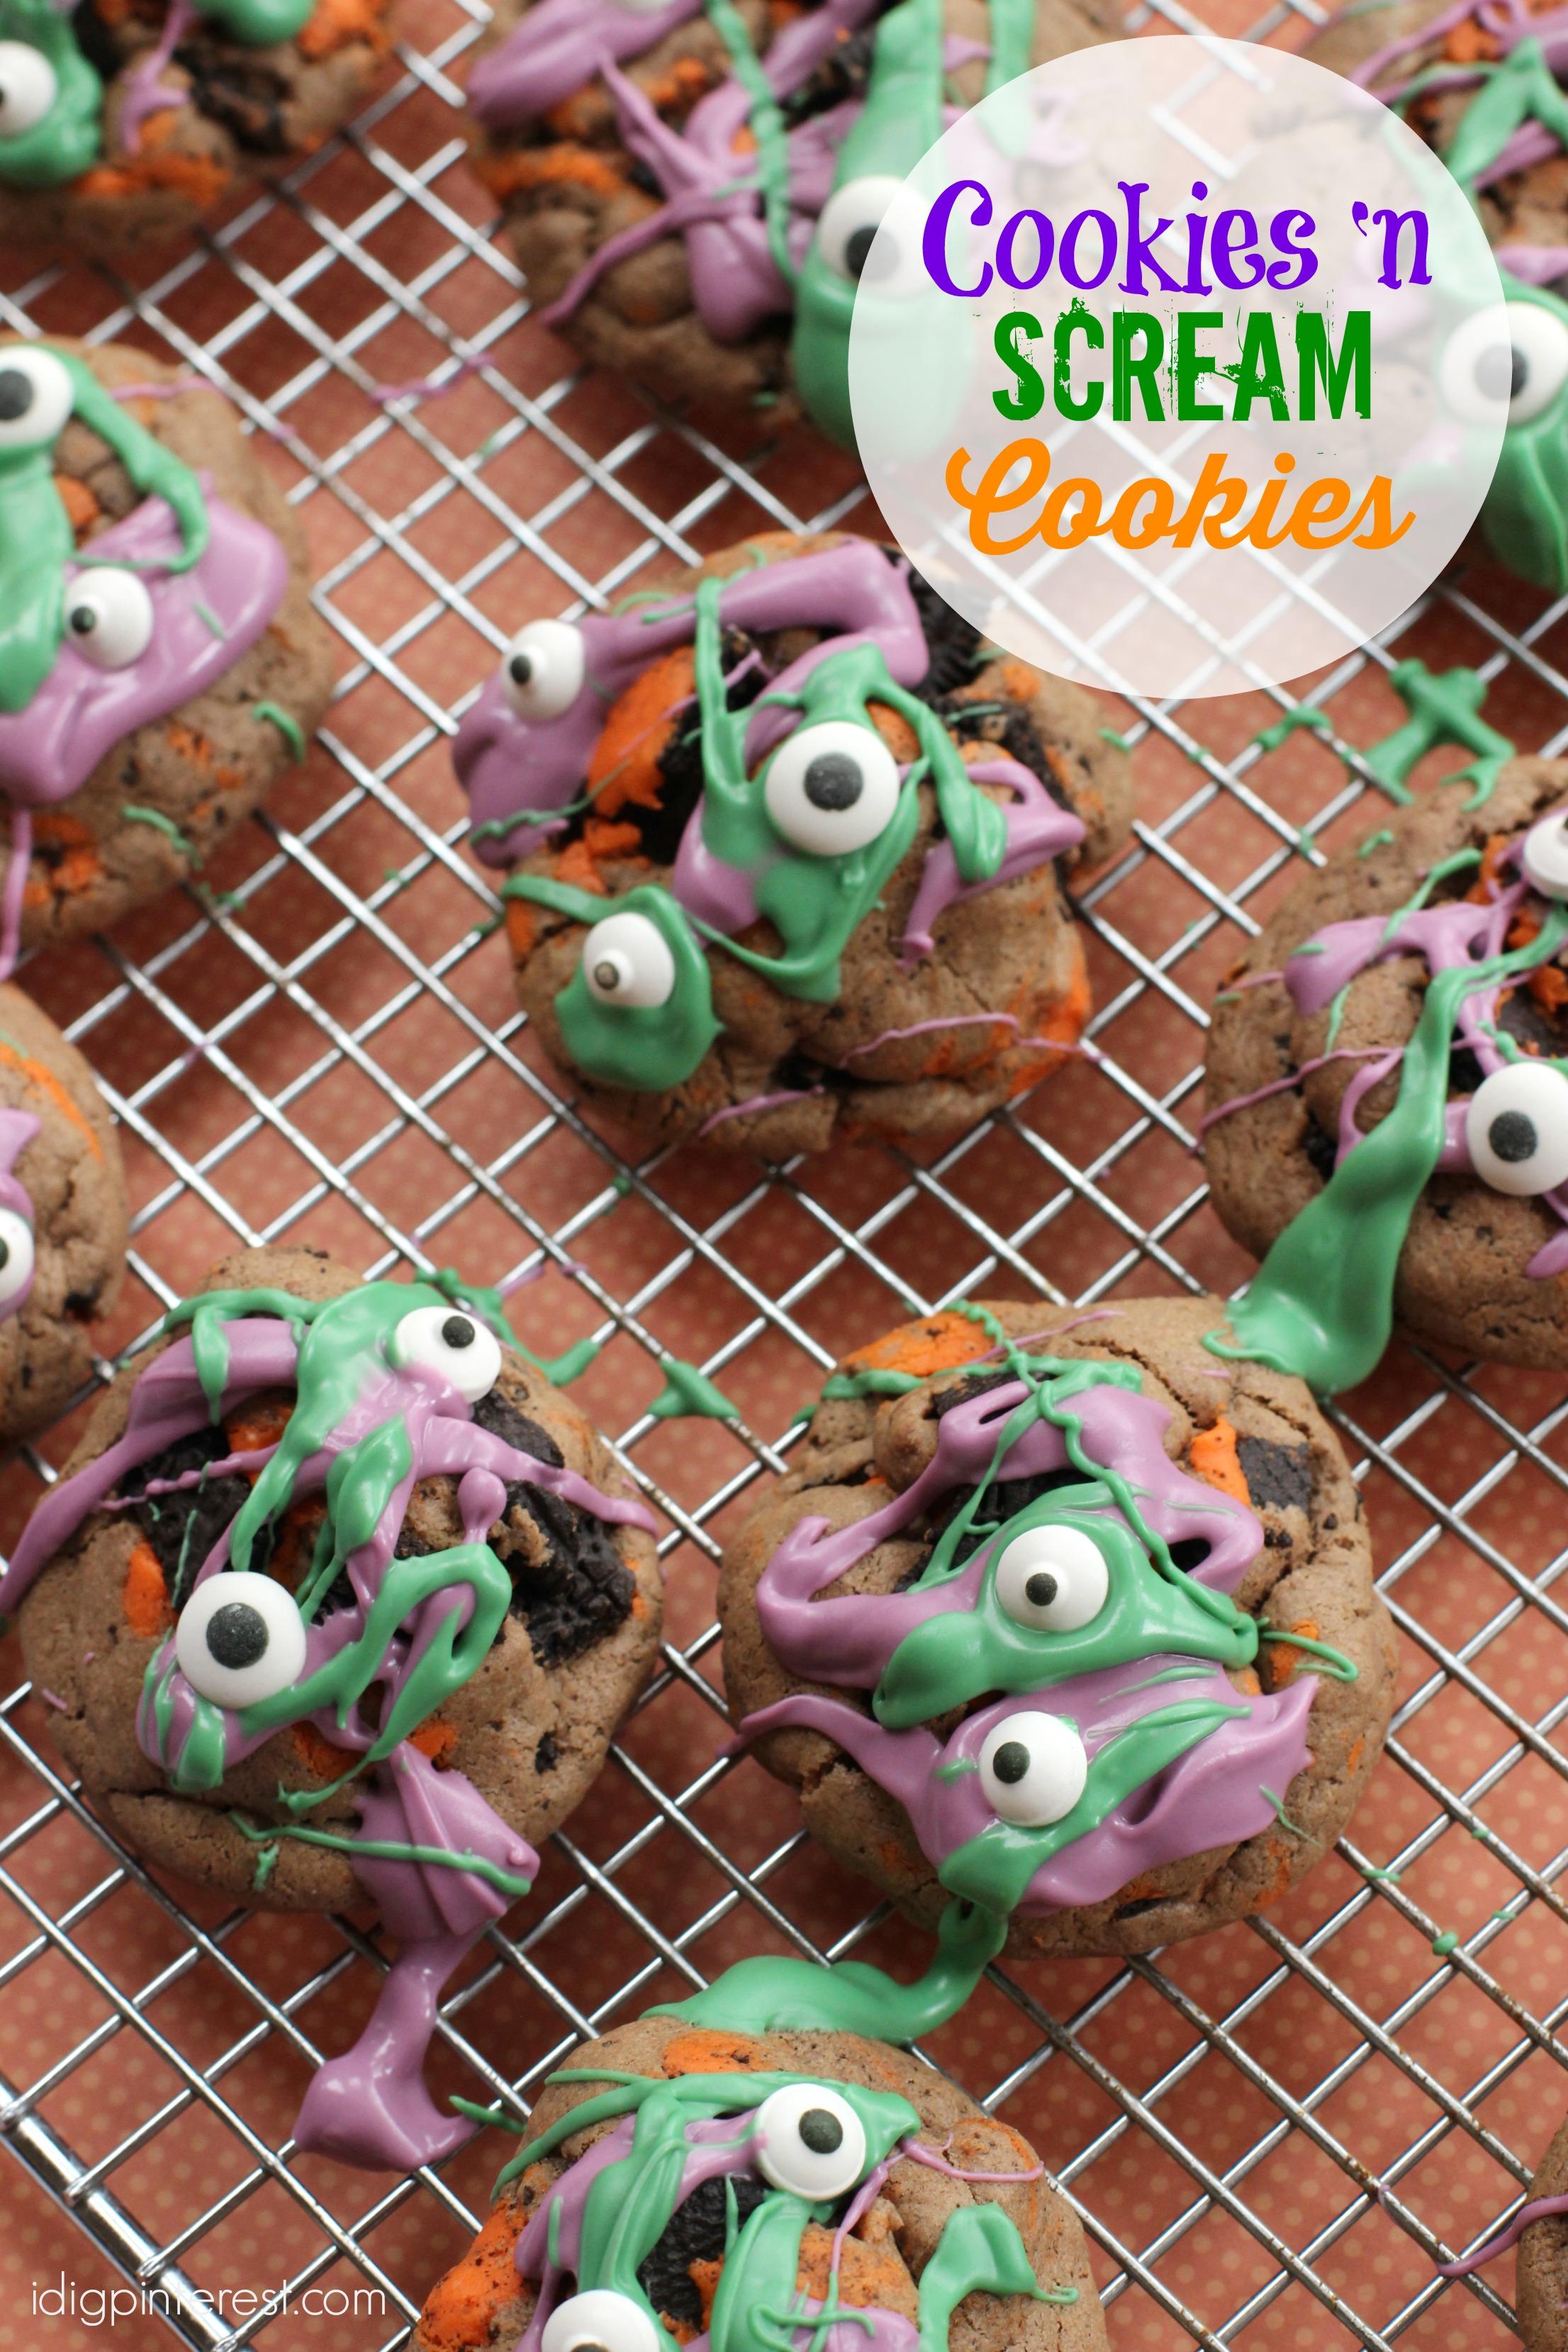 cookies 'n scream cookies3